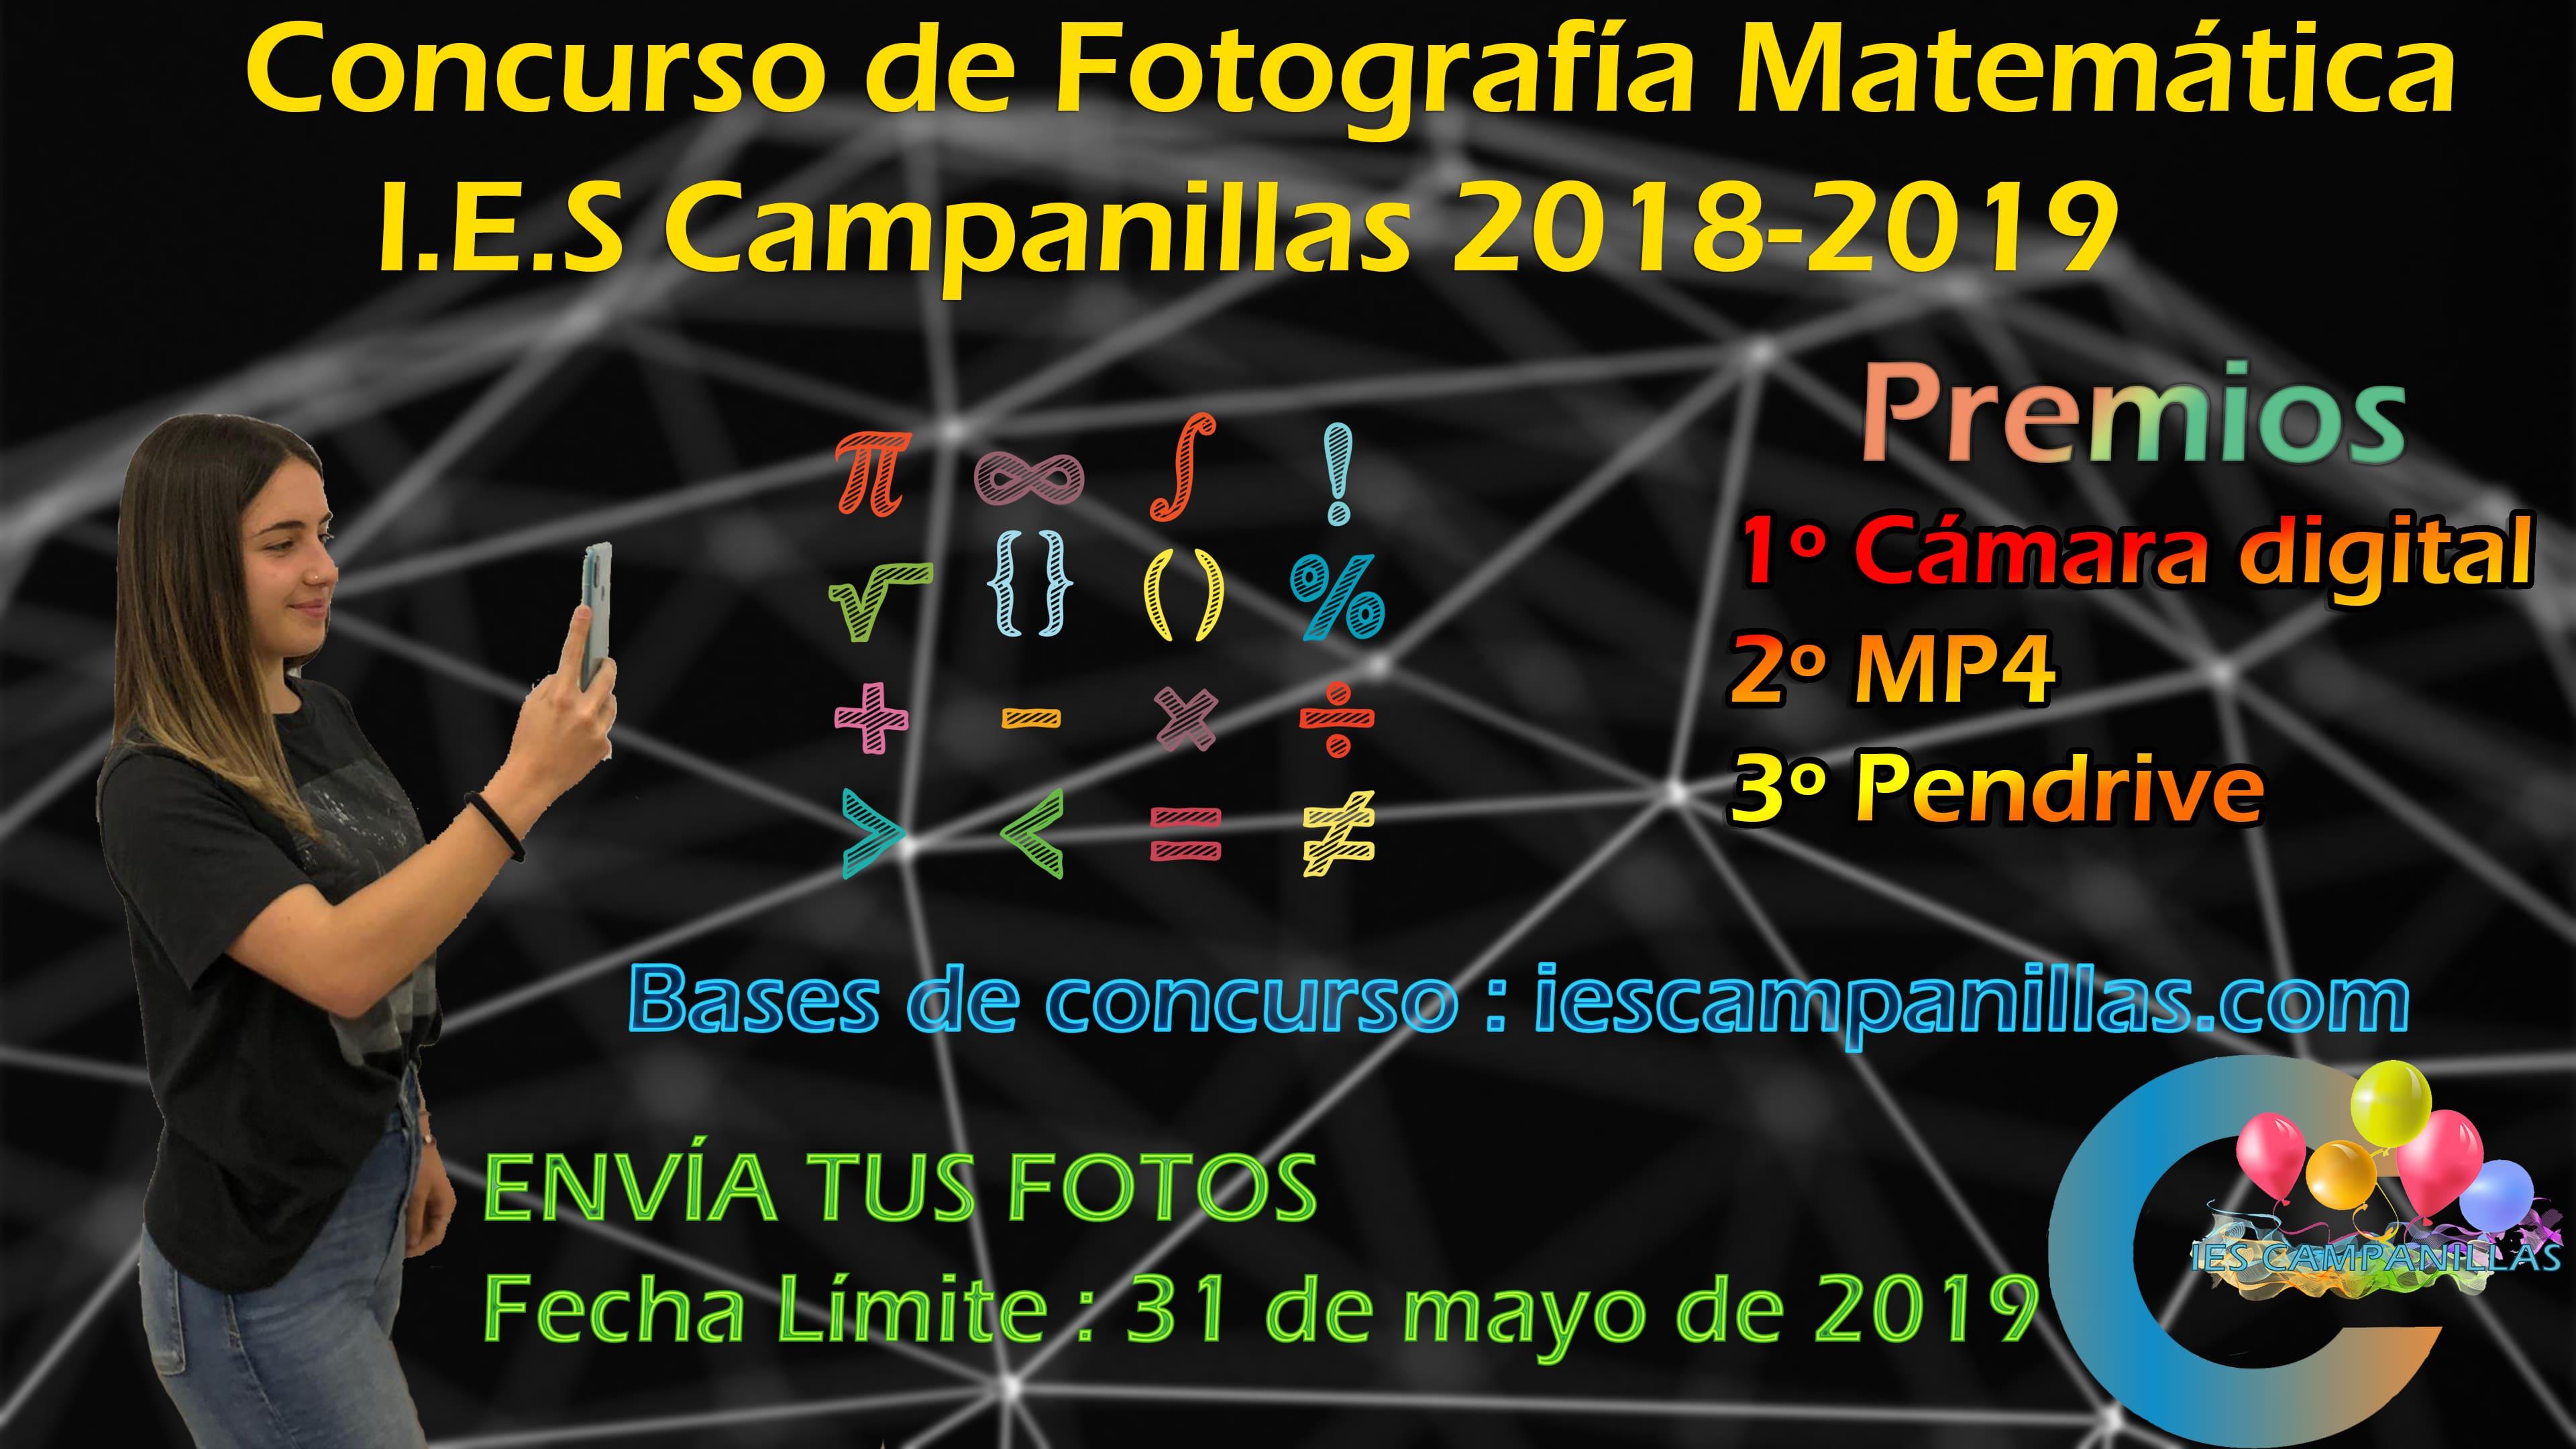 Concurso de Fotografía Matemática 2018-19